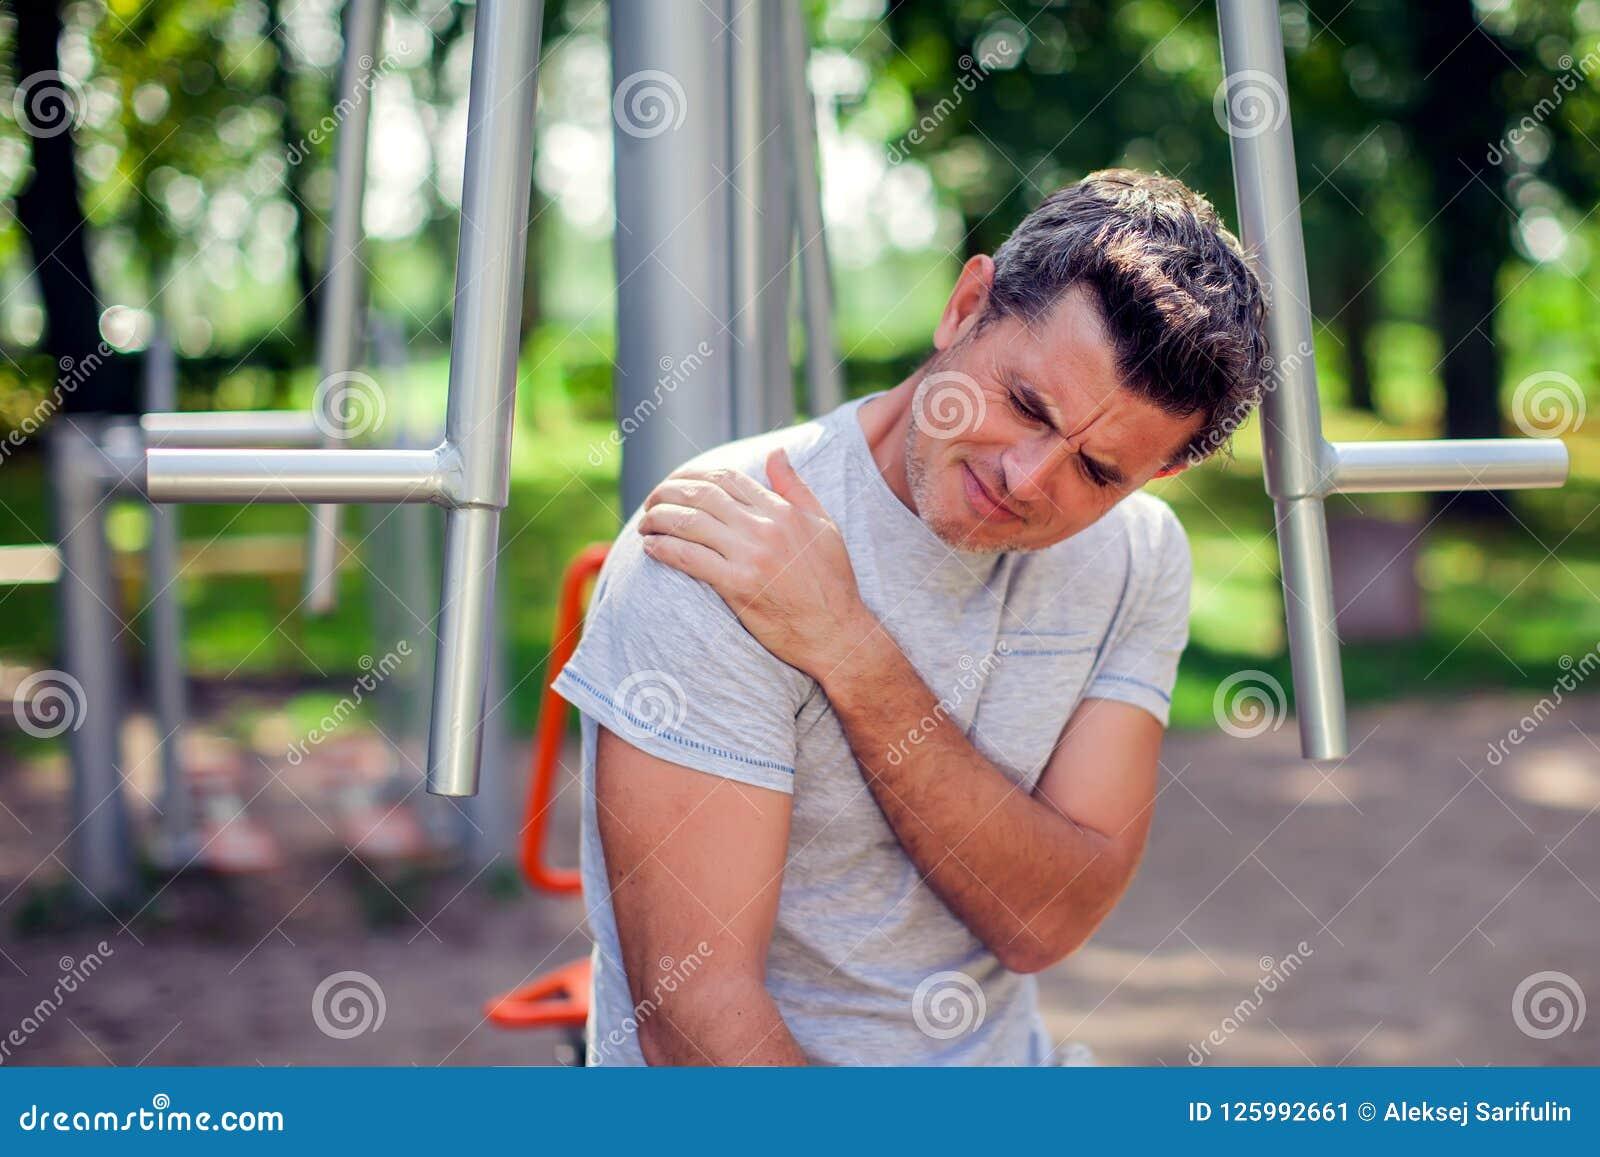 Une douleur de sentiment d homme dans son épaule pendant le sport et séance d entraînement dans t